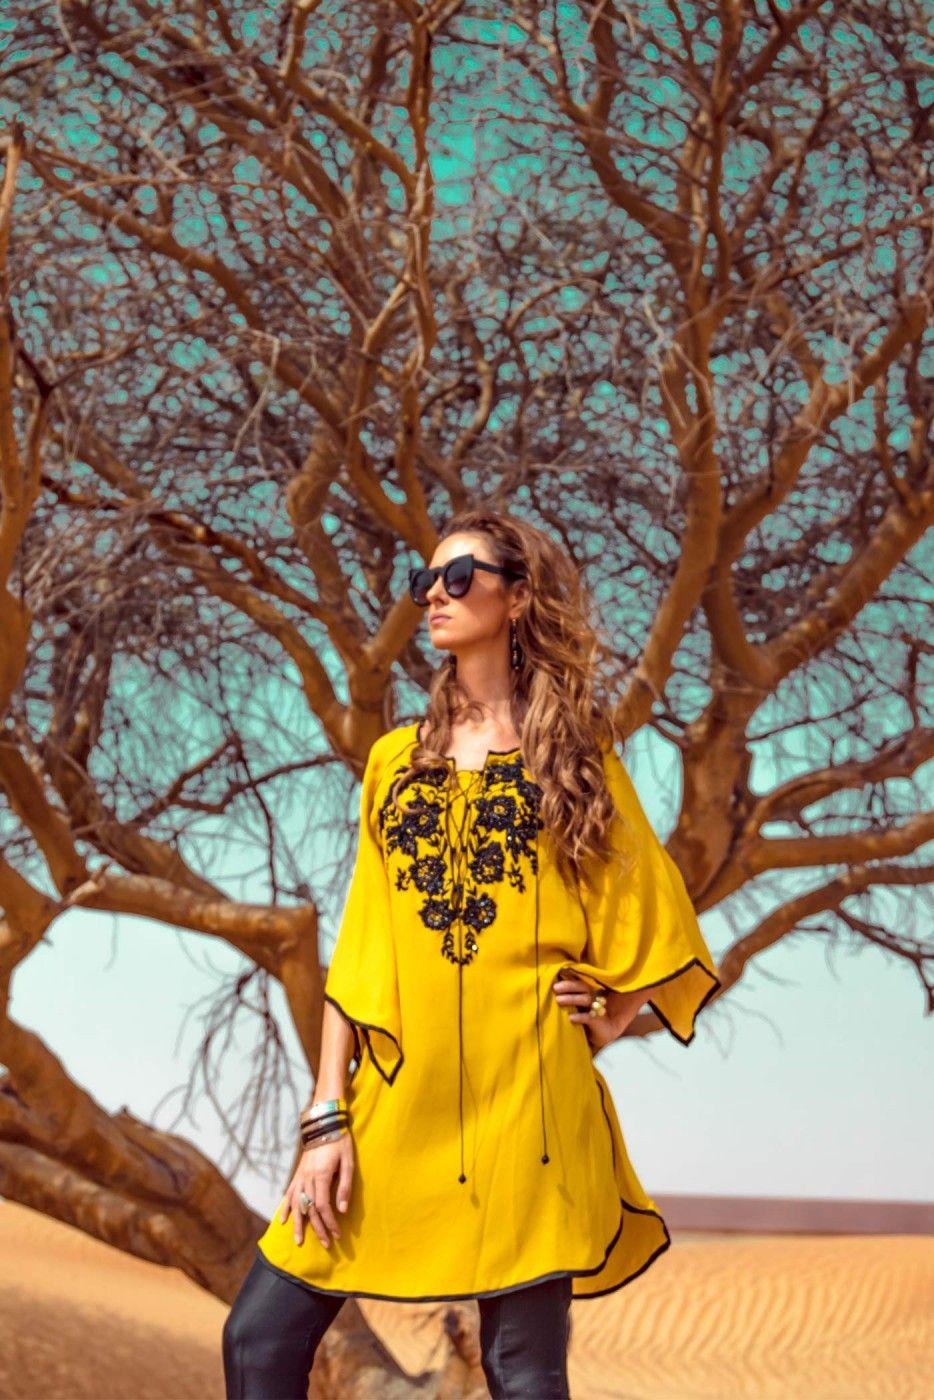 #PakistaniWear #LuxuryPret #ClothingBrand #Fashion #Dress #AmberGohar